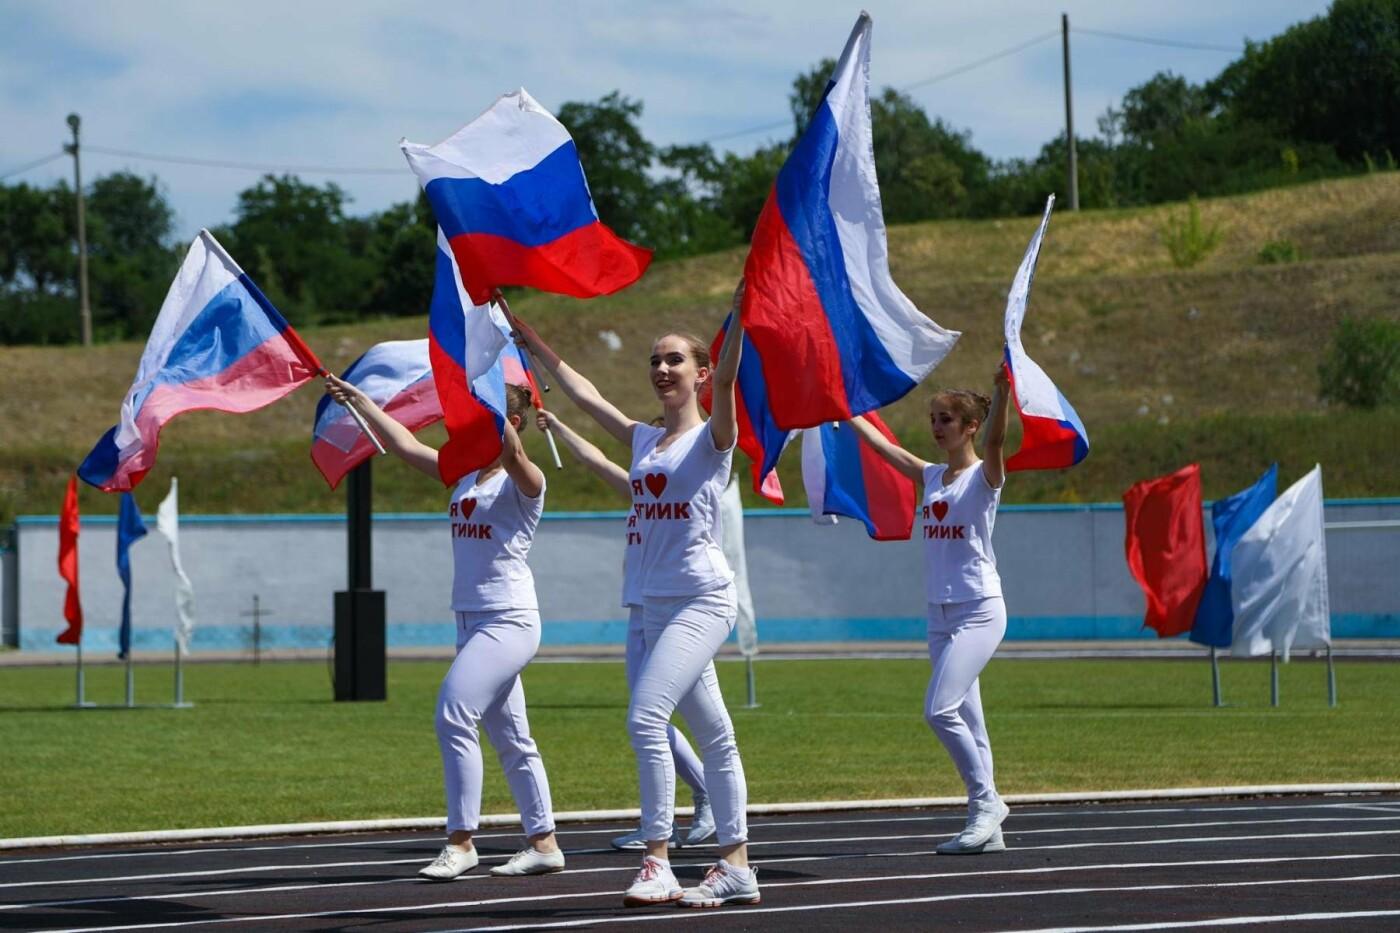 Летняя универсиада в Белгороде собрала 1500 спортсменов, фото-5